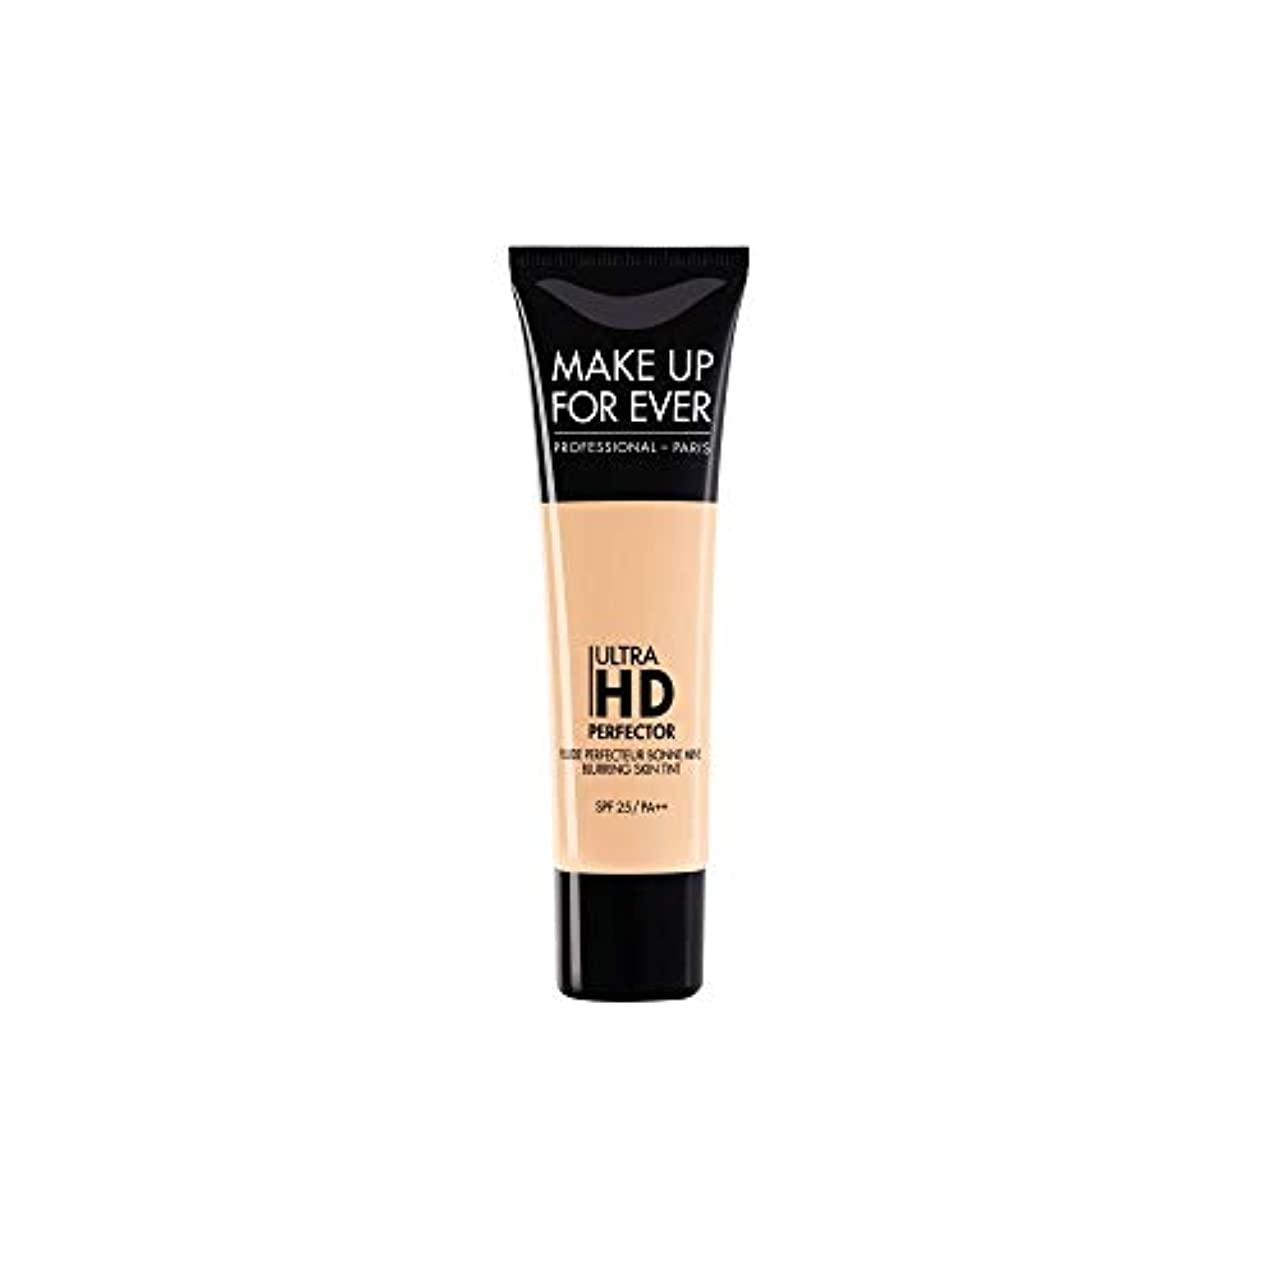 みがきます囲い職業メイクアップフォーエバー Ultra HD Perfector Blurring Skin Tint SPF25 - # 02 Pink Sand 30ml/1.01oz並行輸入品